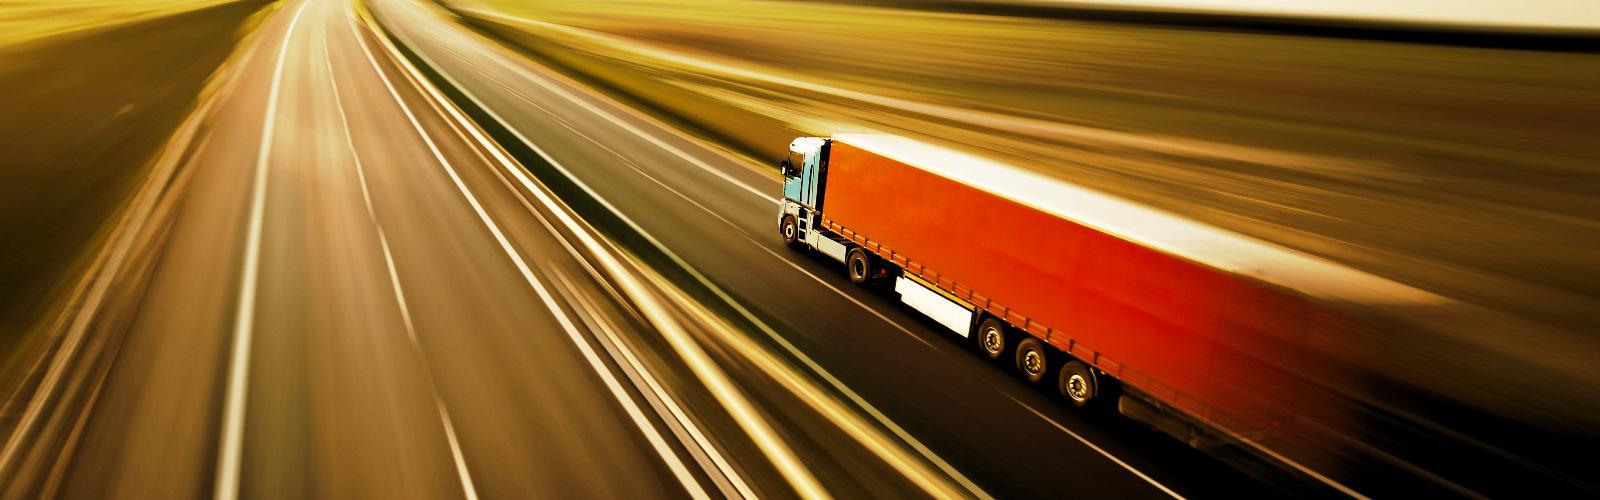 E-SHAHN Forwarding Like Never Before | International Freight